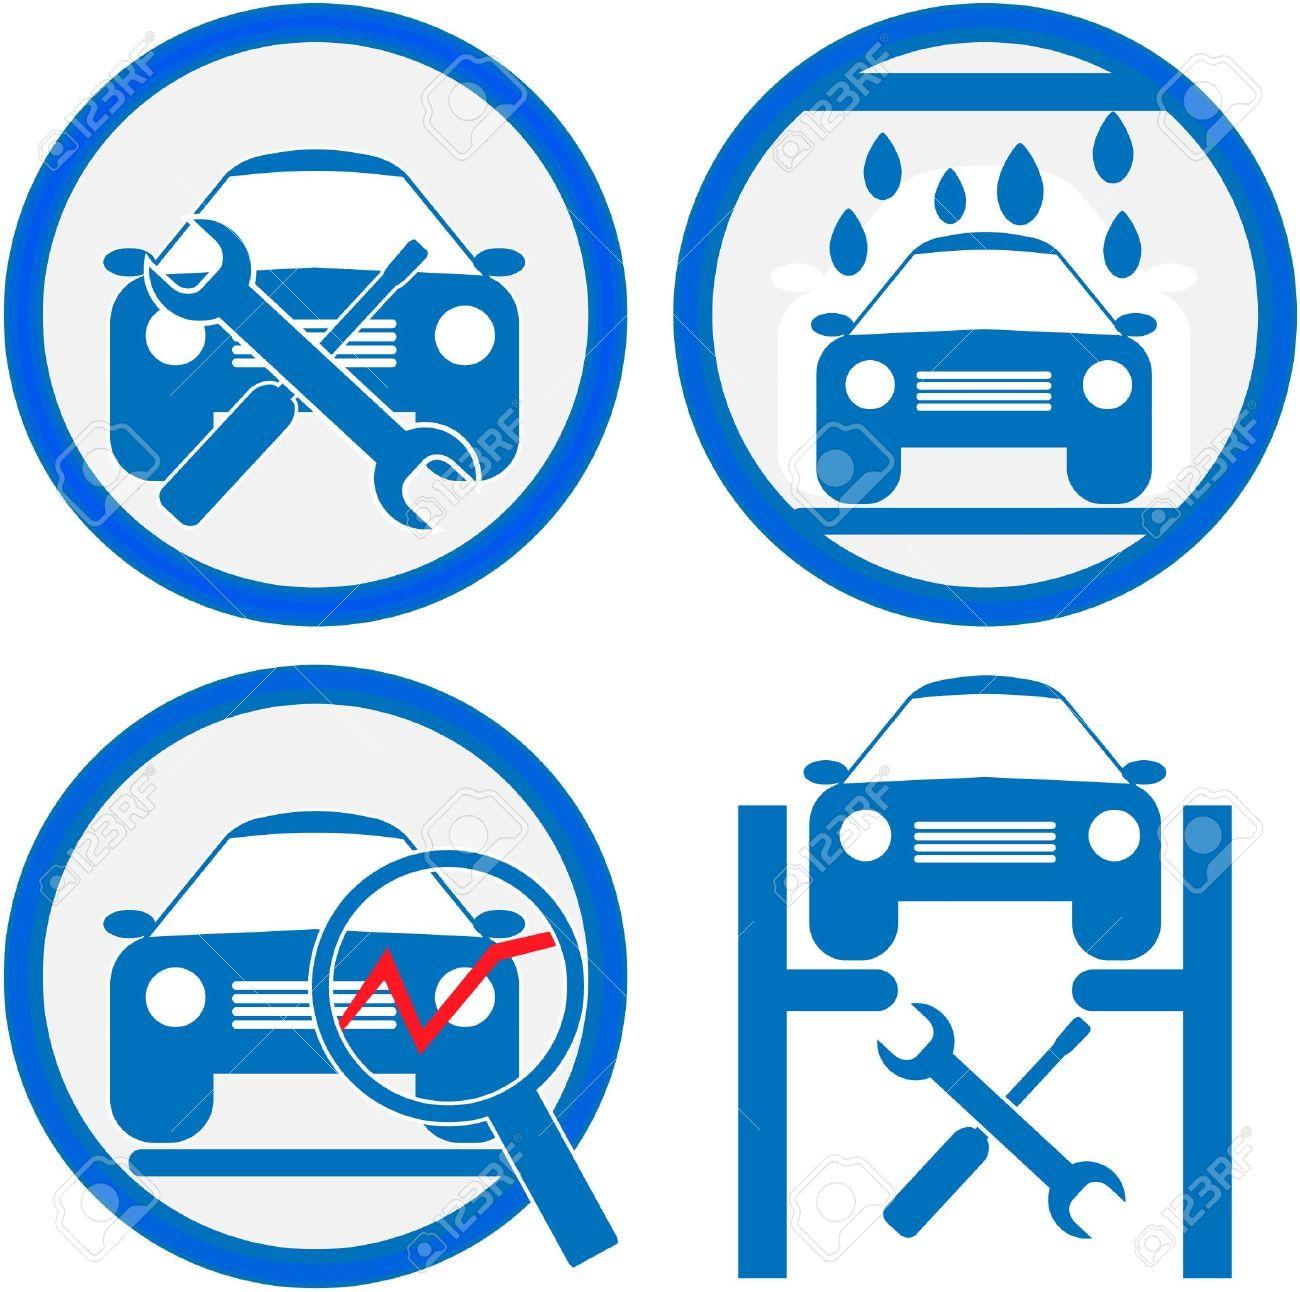 car service icon Stock Vector - 12983913